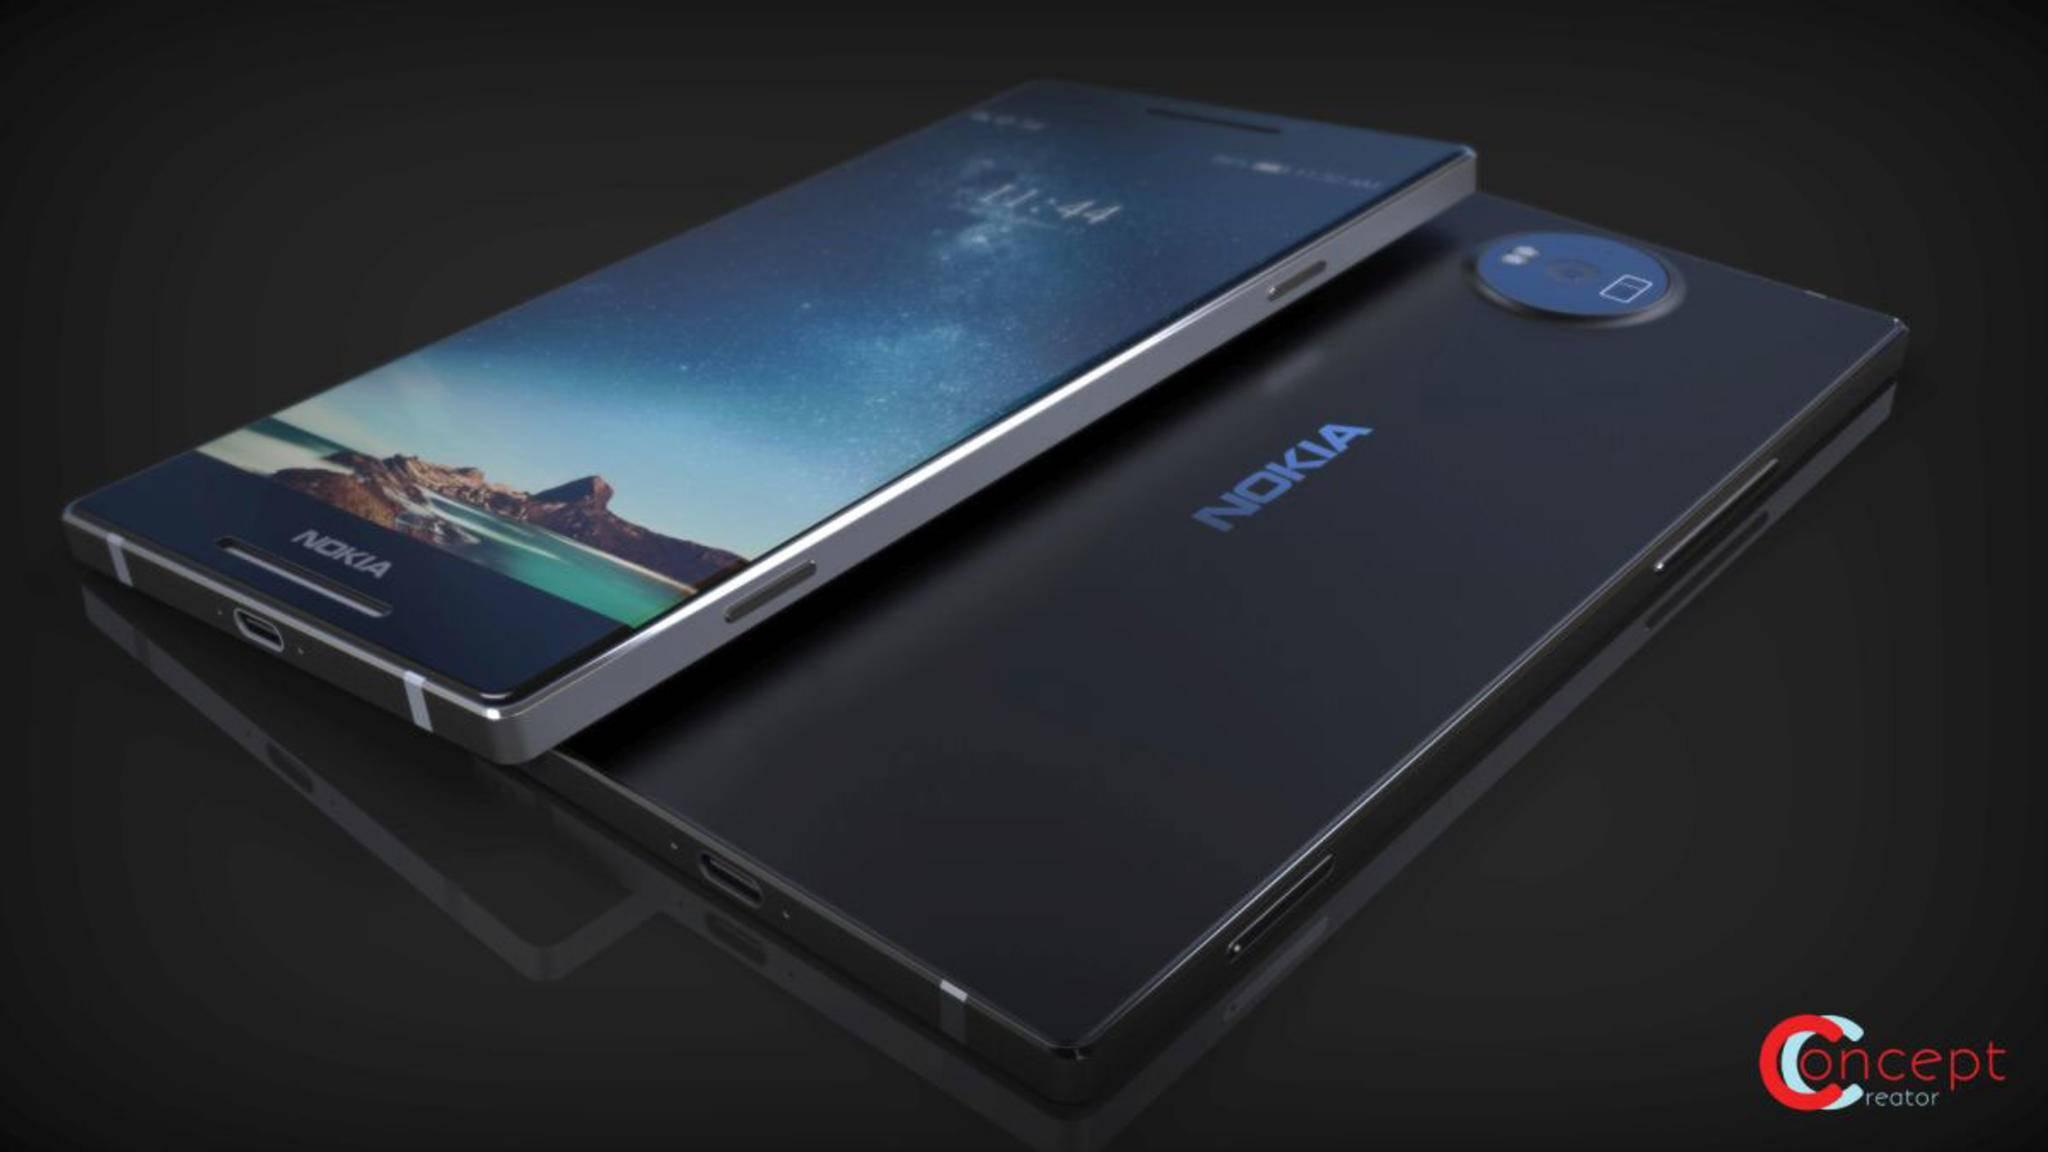 Edles Metallgehäuse, dünne Displayränder: So könnte das Nokia 8 aussehen.